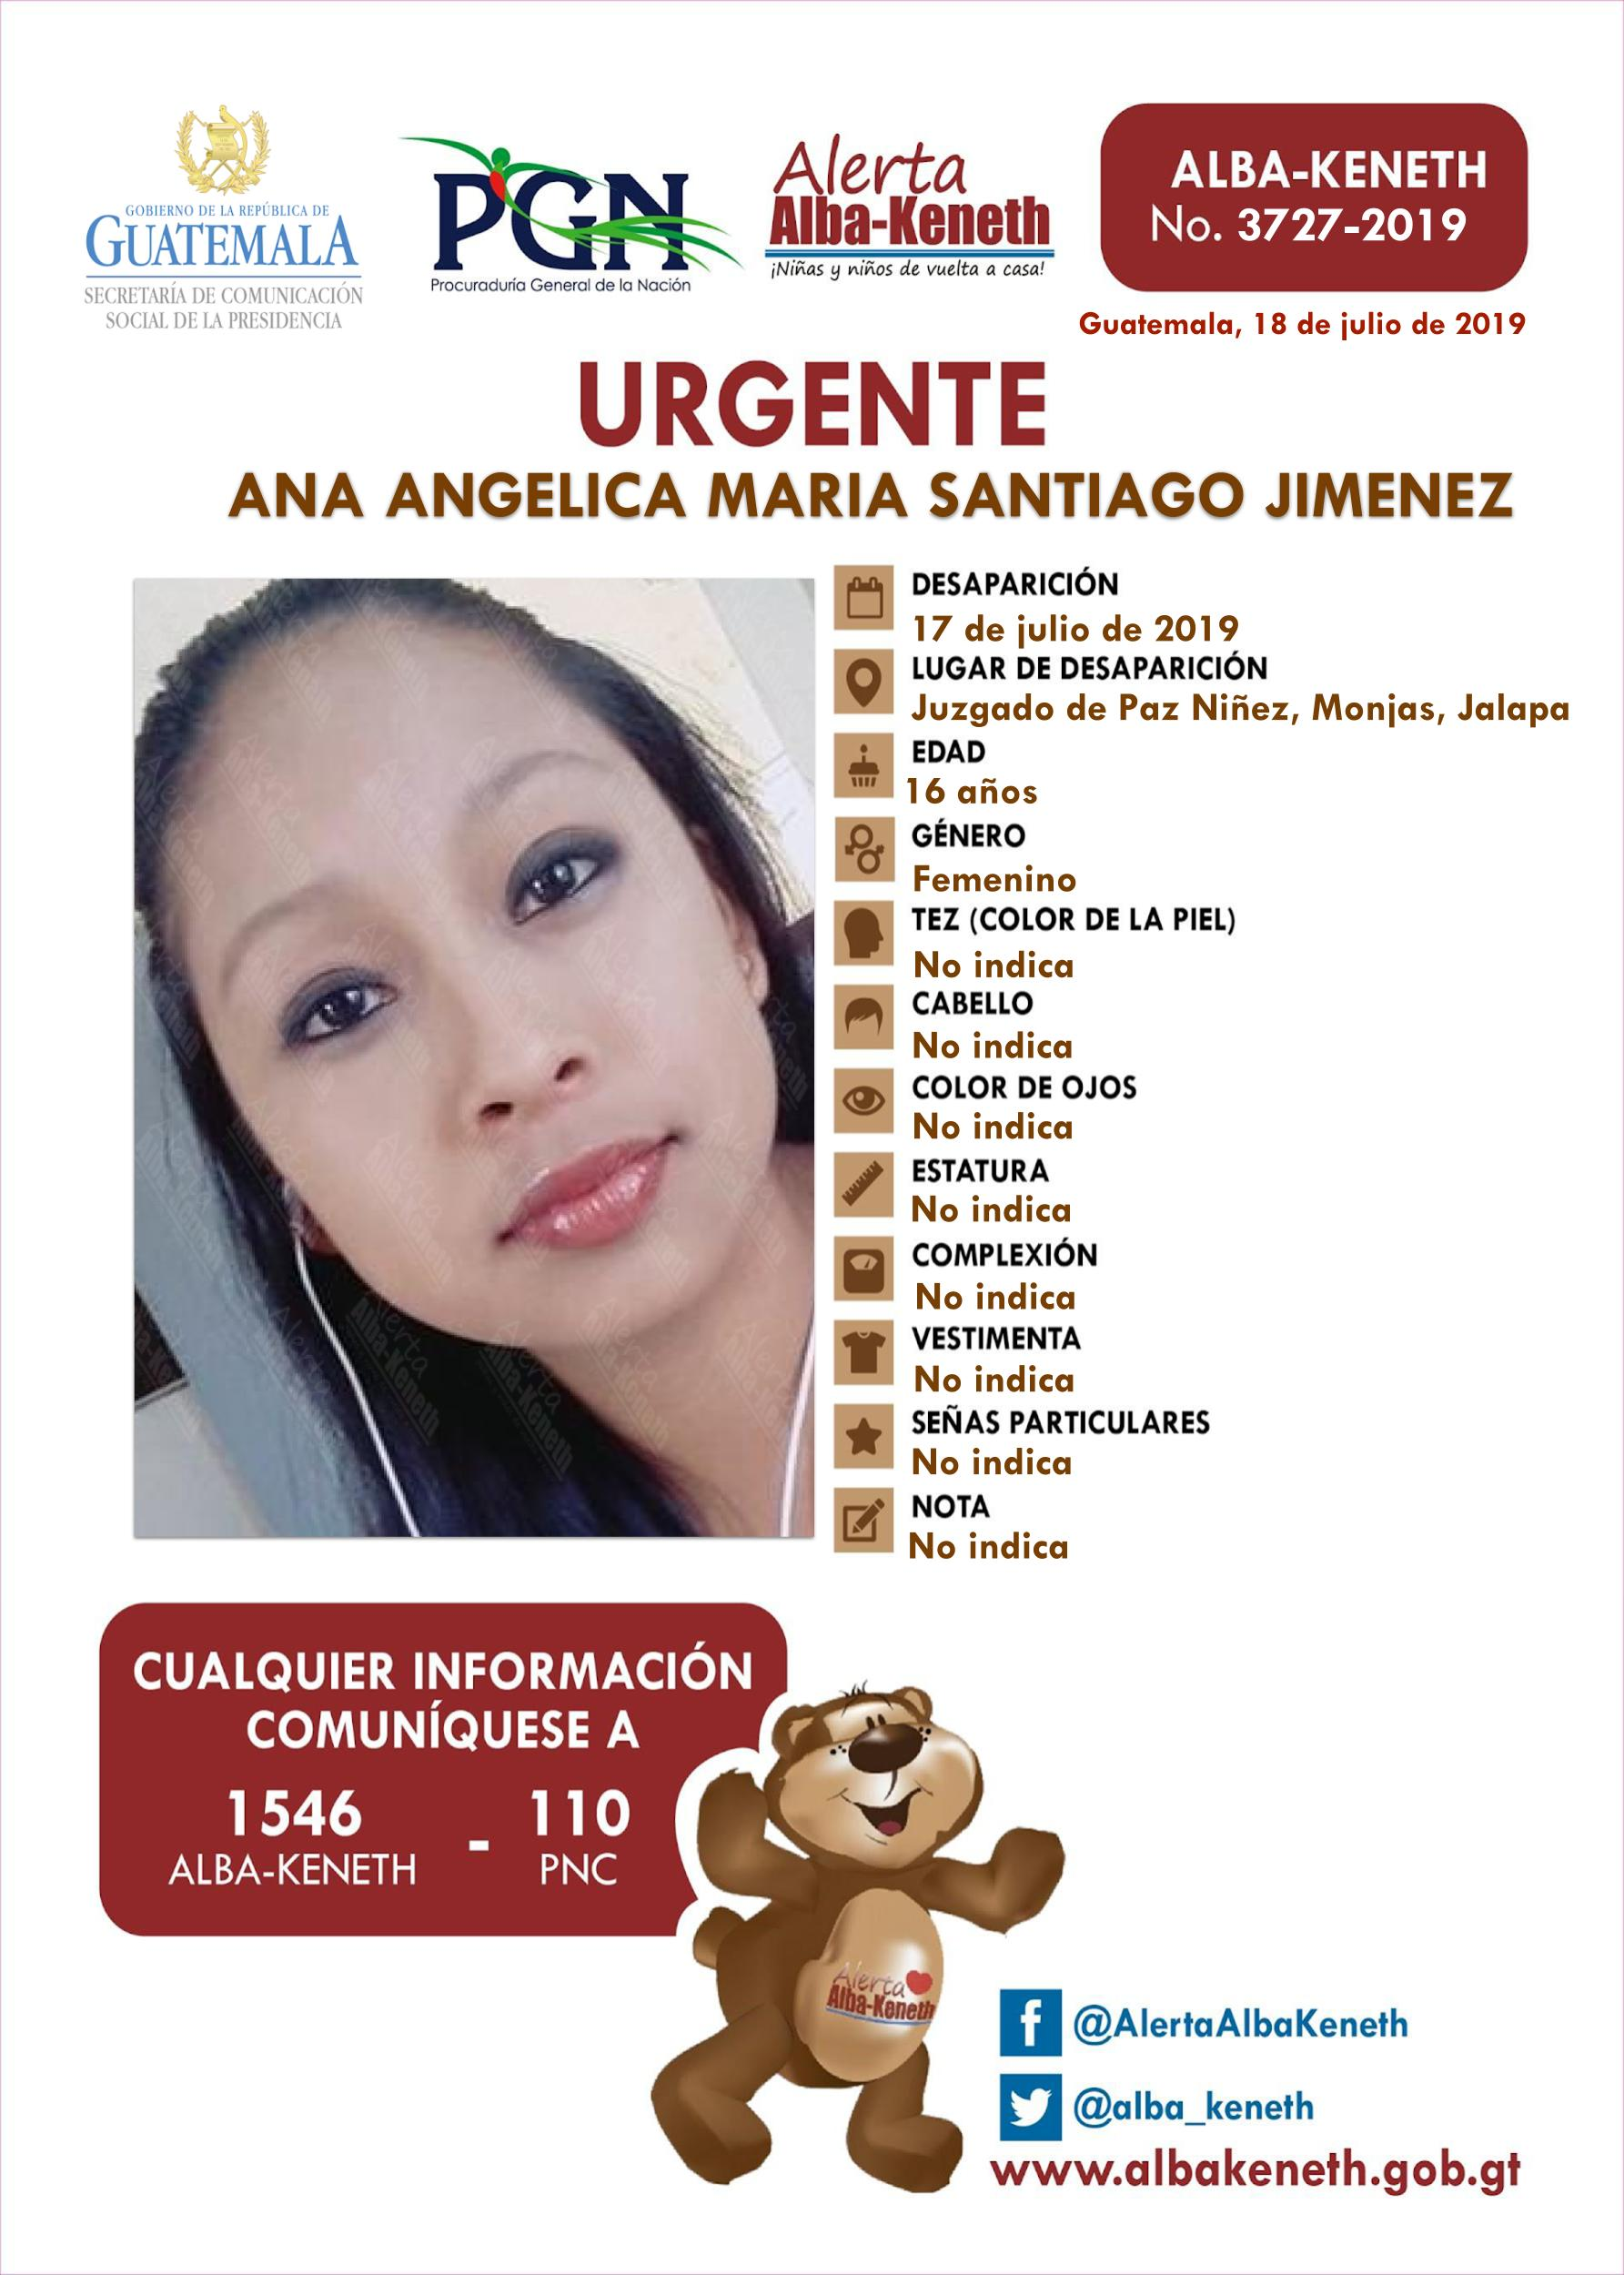 Ana Angelica Maria Santiago Jimenez